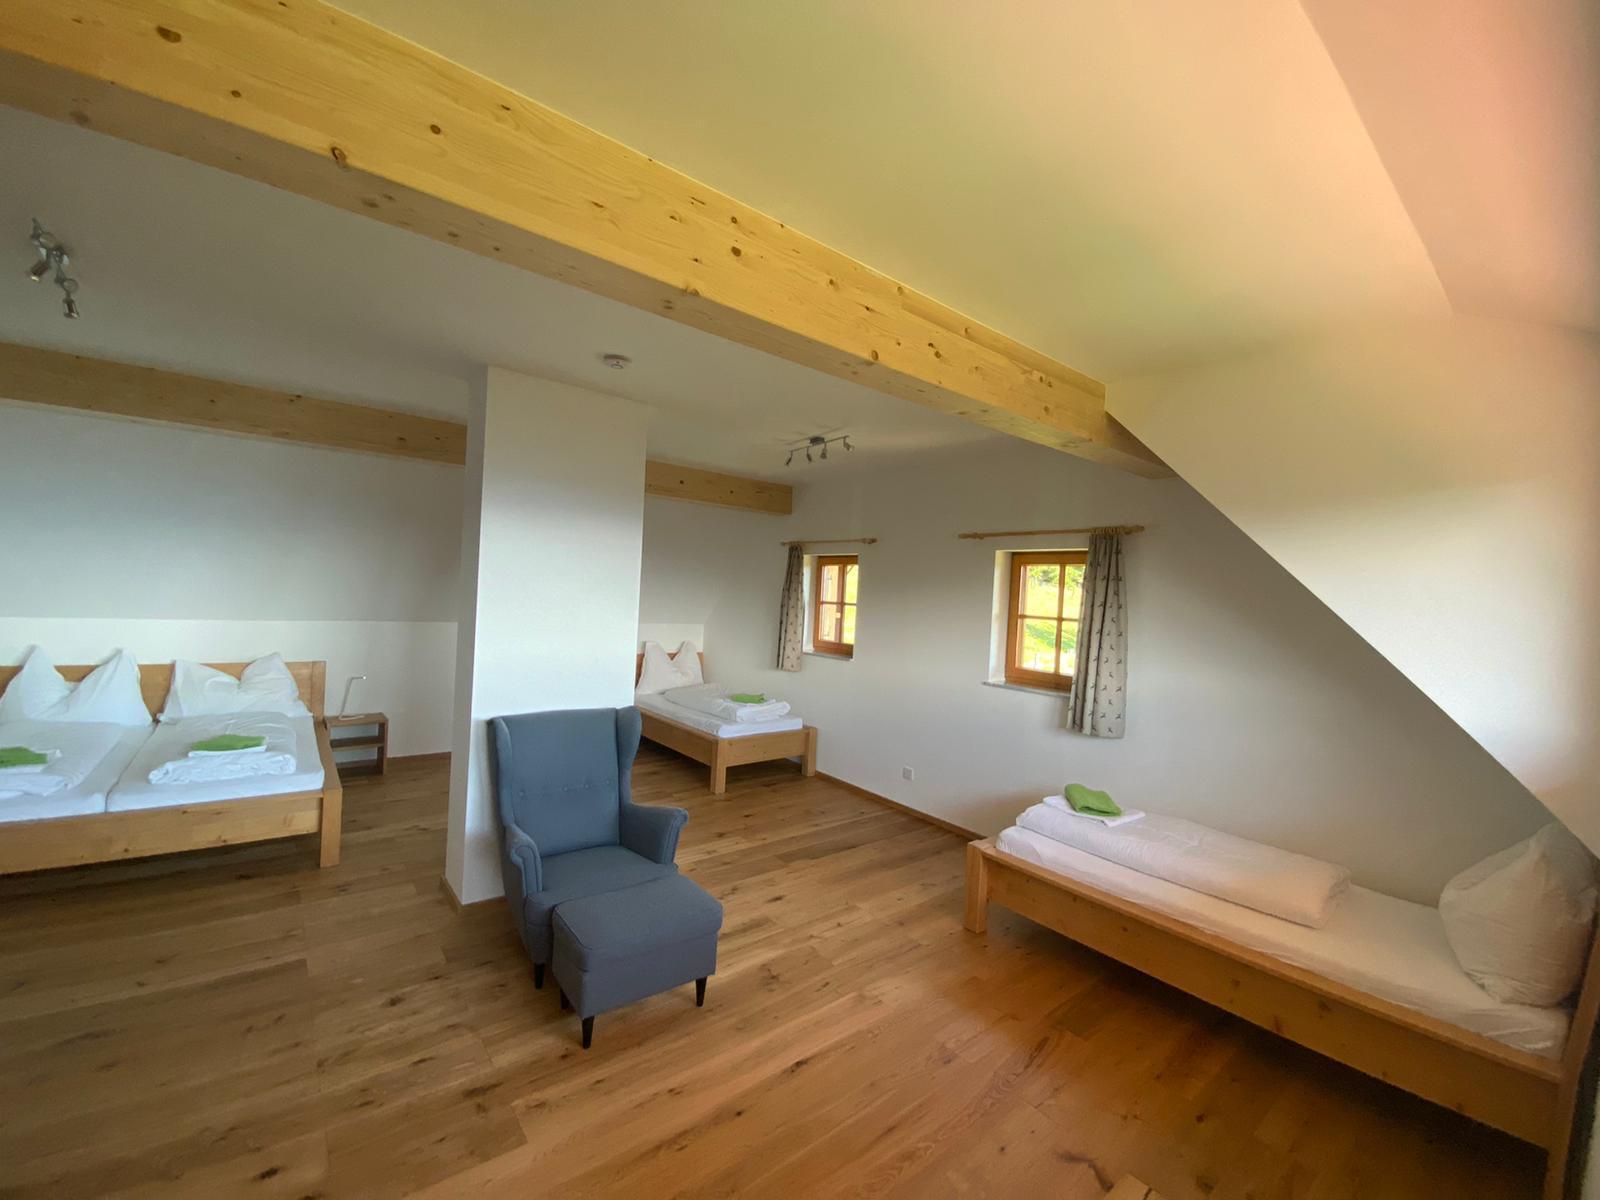 ausgebauter Dachboden als Schlafzimmer